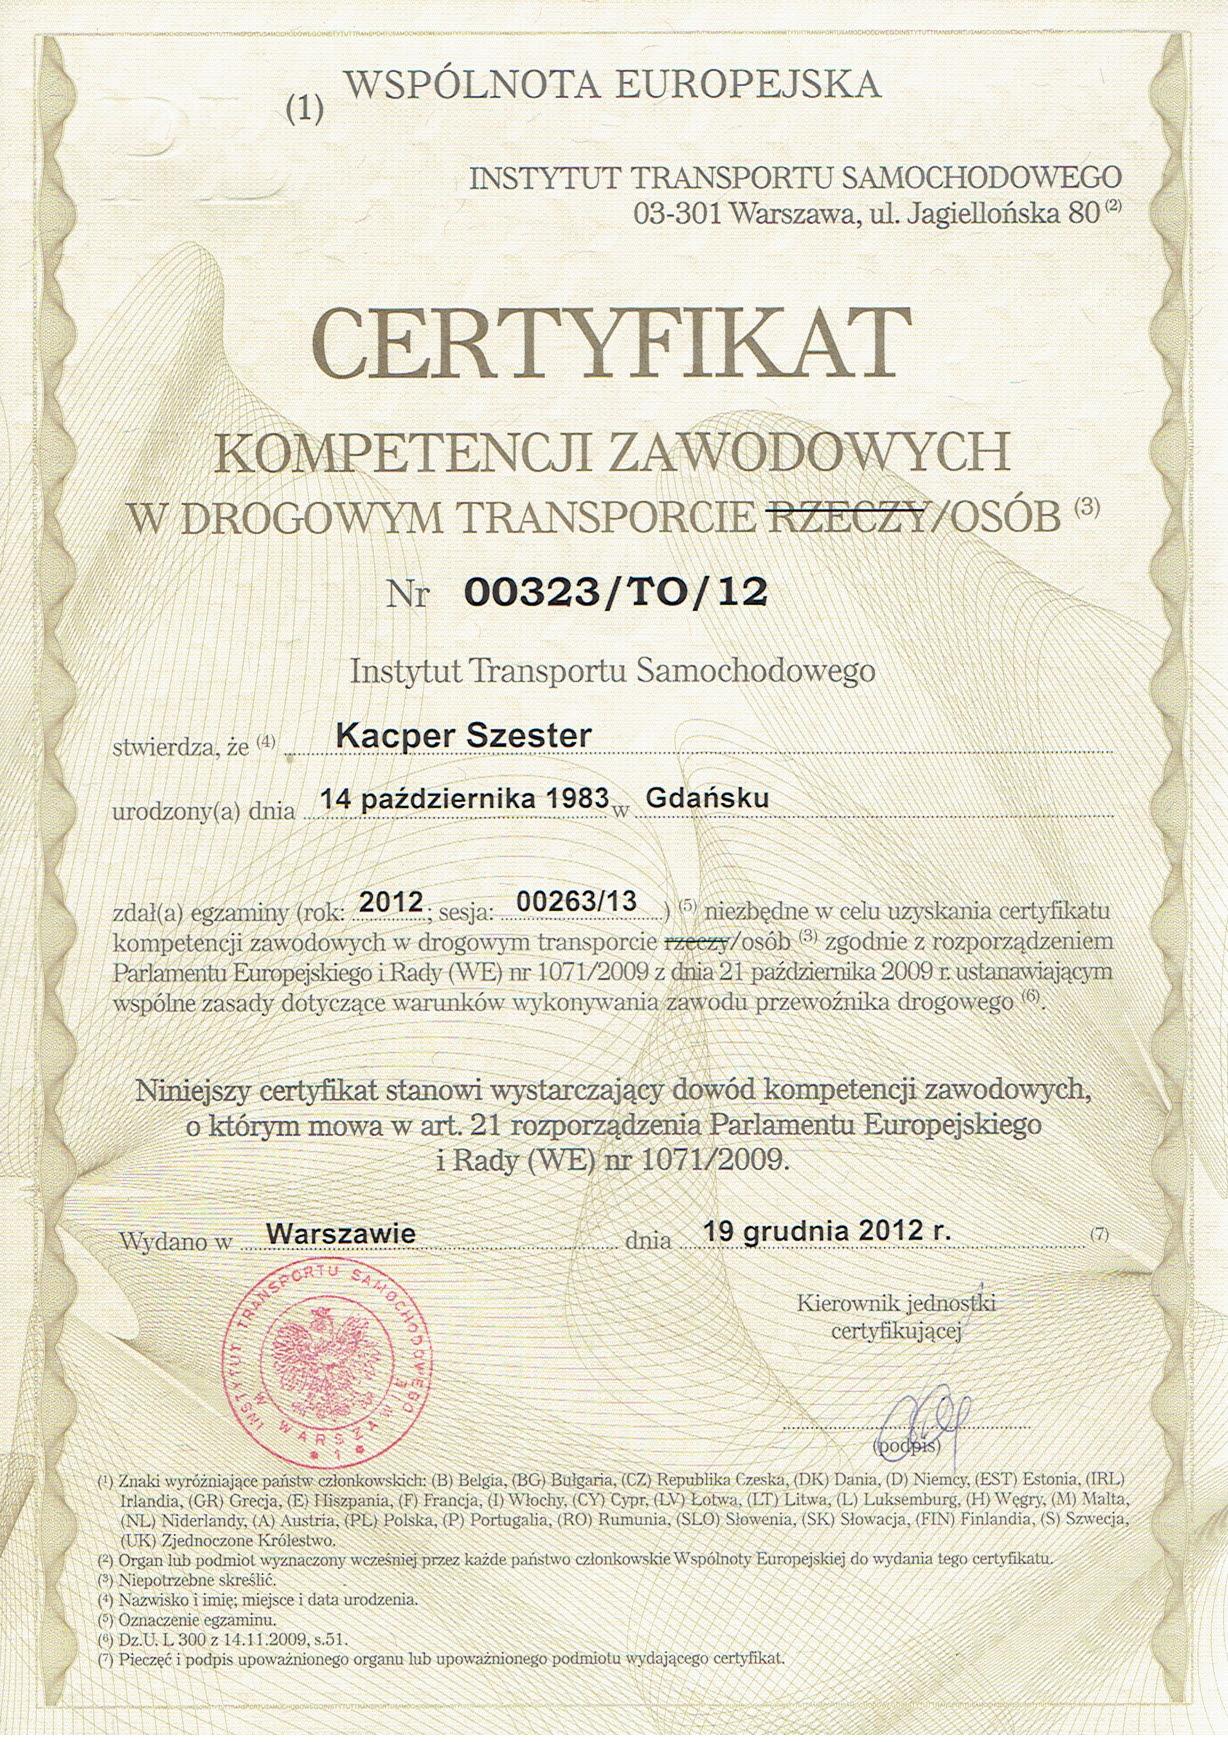 1. Certyfikat